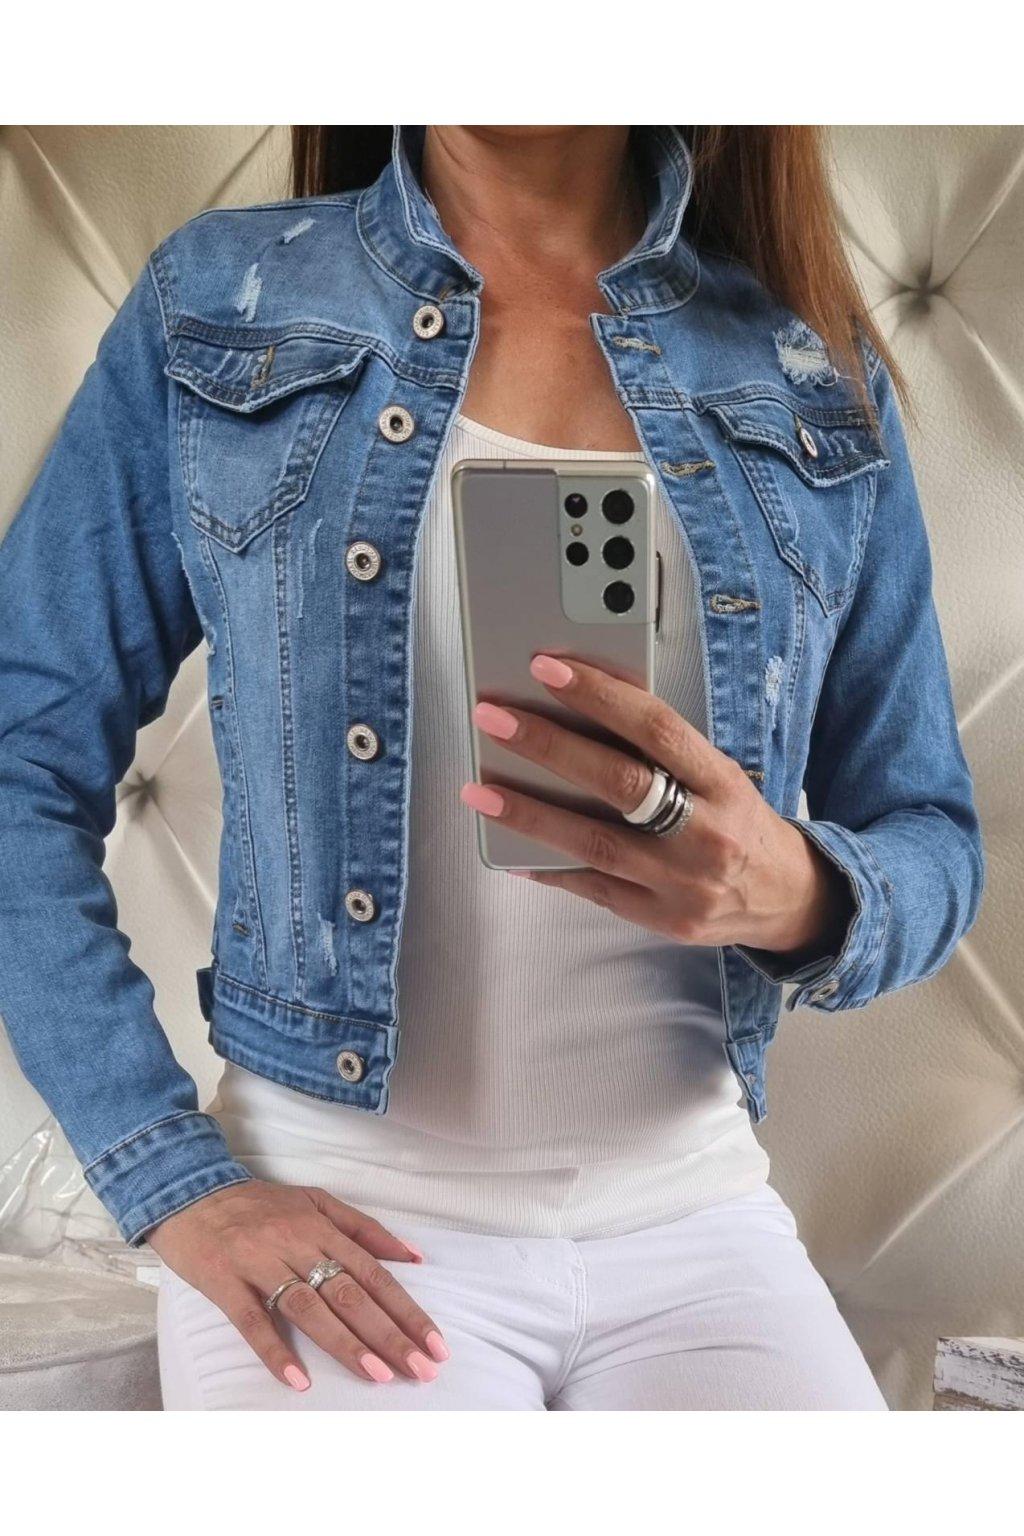 dámská džínová bunda trendy elastická modrá trhaná